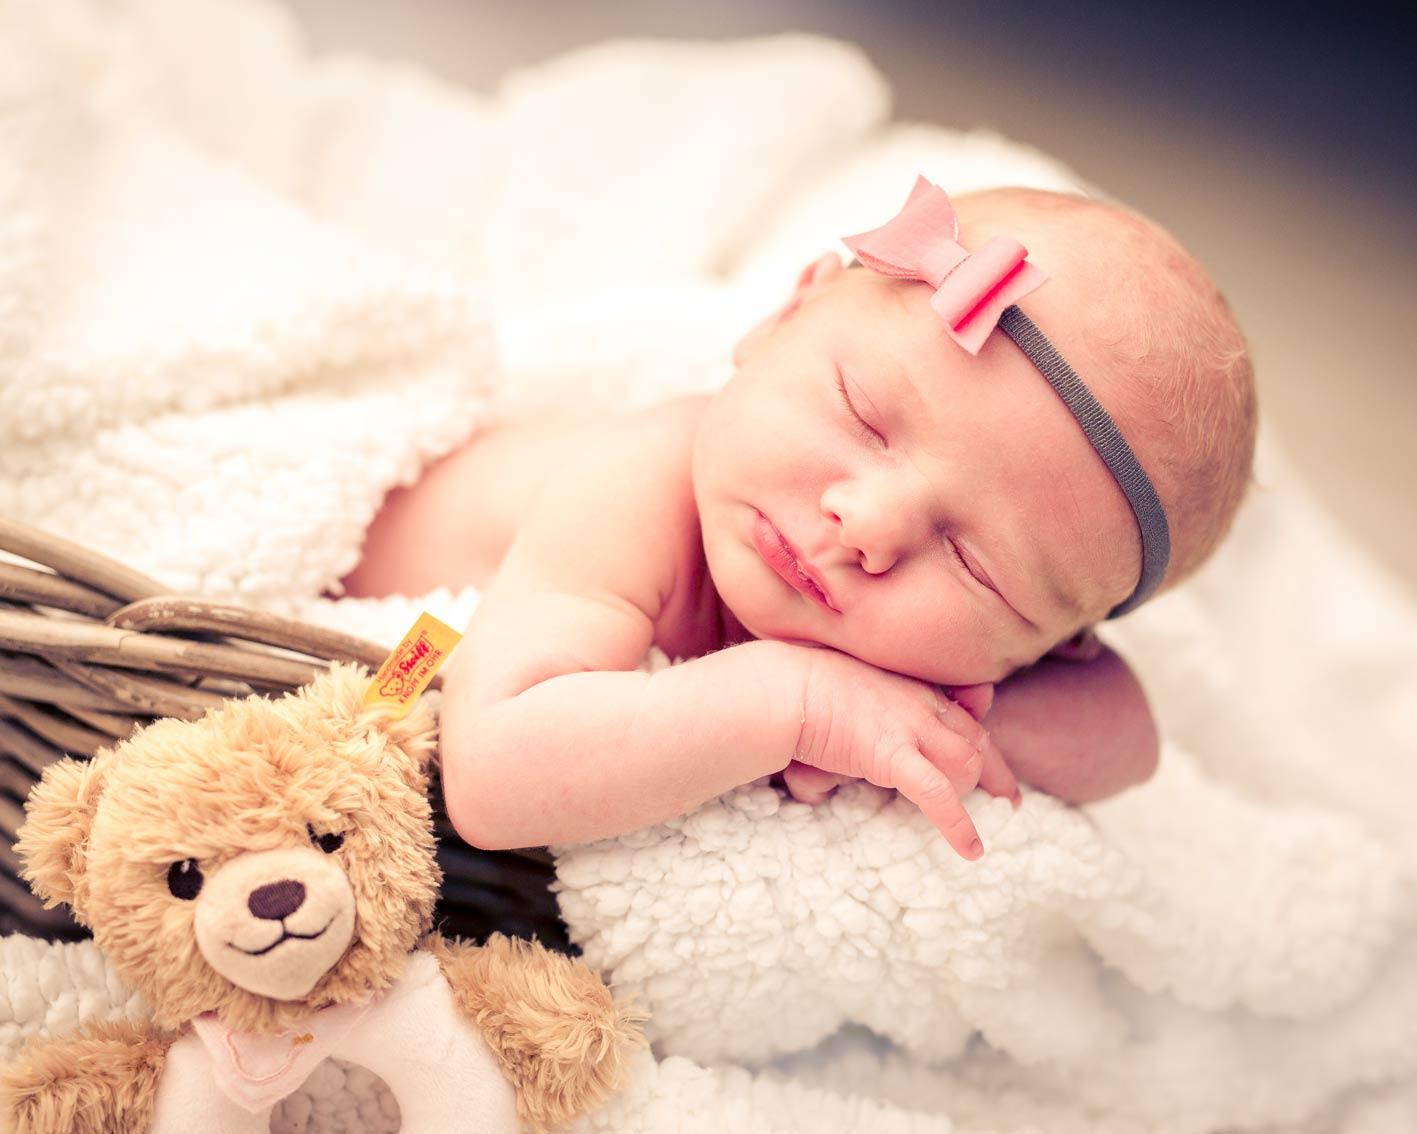 NEWBORN-aachen-babyfotos-dueren-neugeborenenfotos-alsdorf-babyfotograf-eschweiler-fotos-by-domi-036